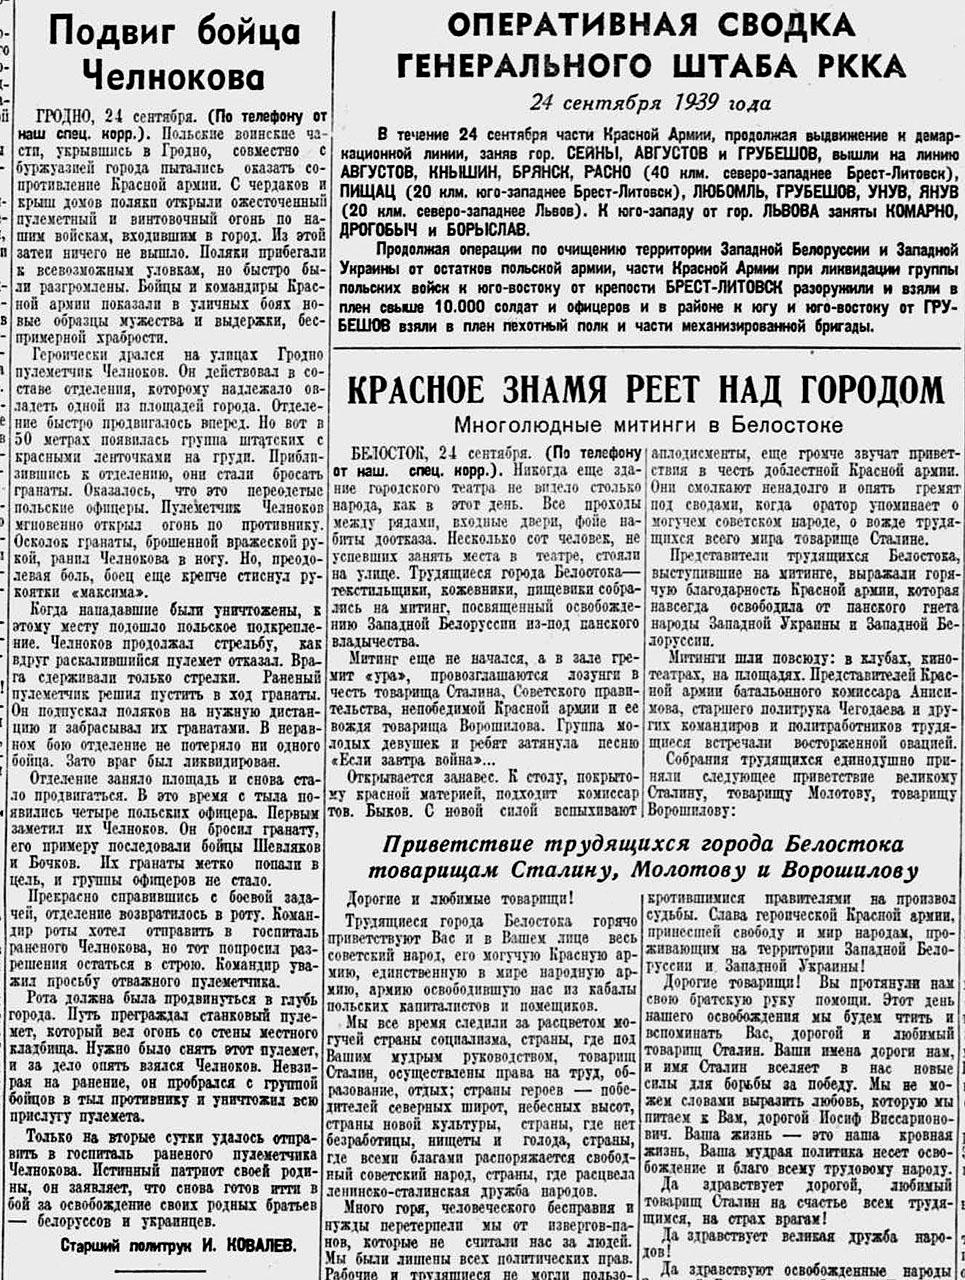 освобождение варшавы 1945